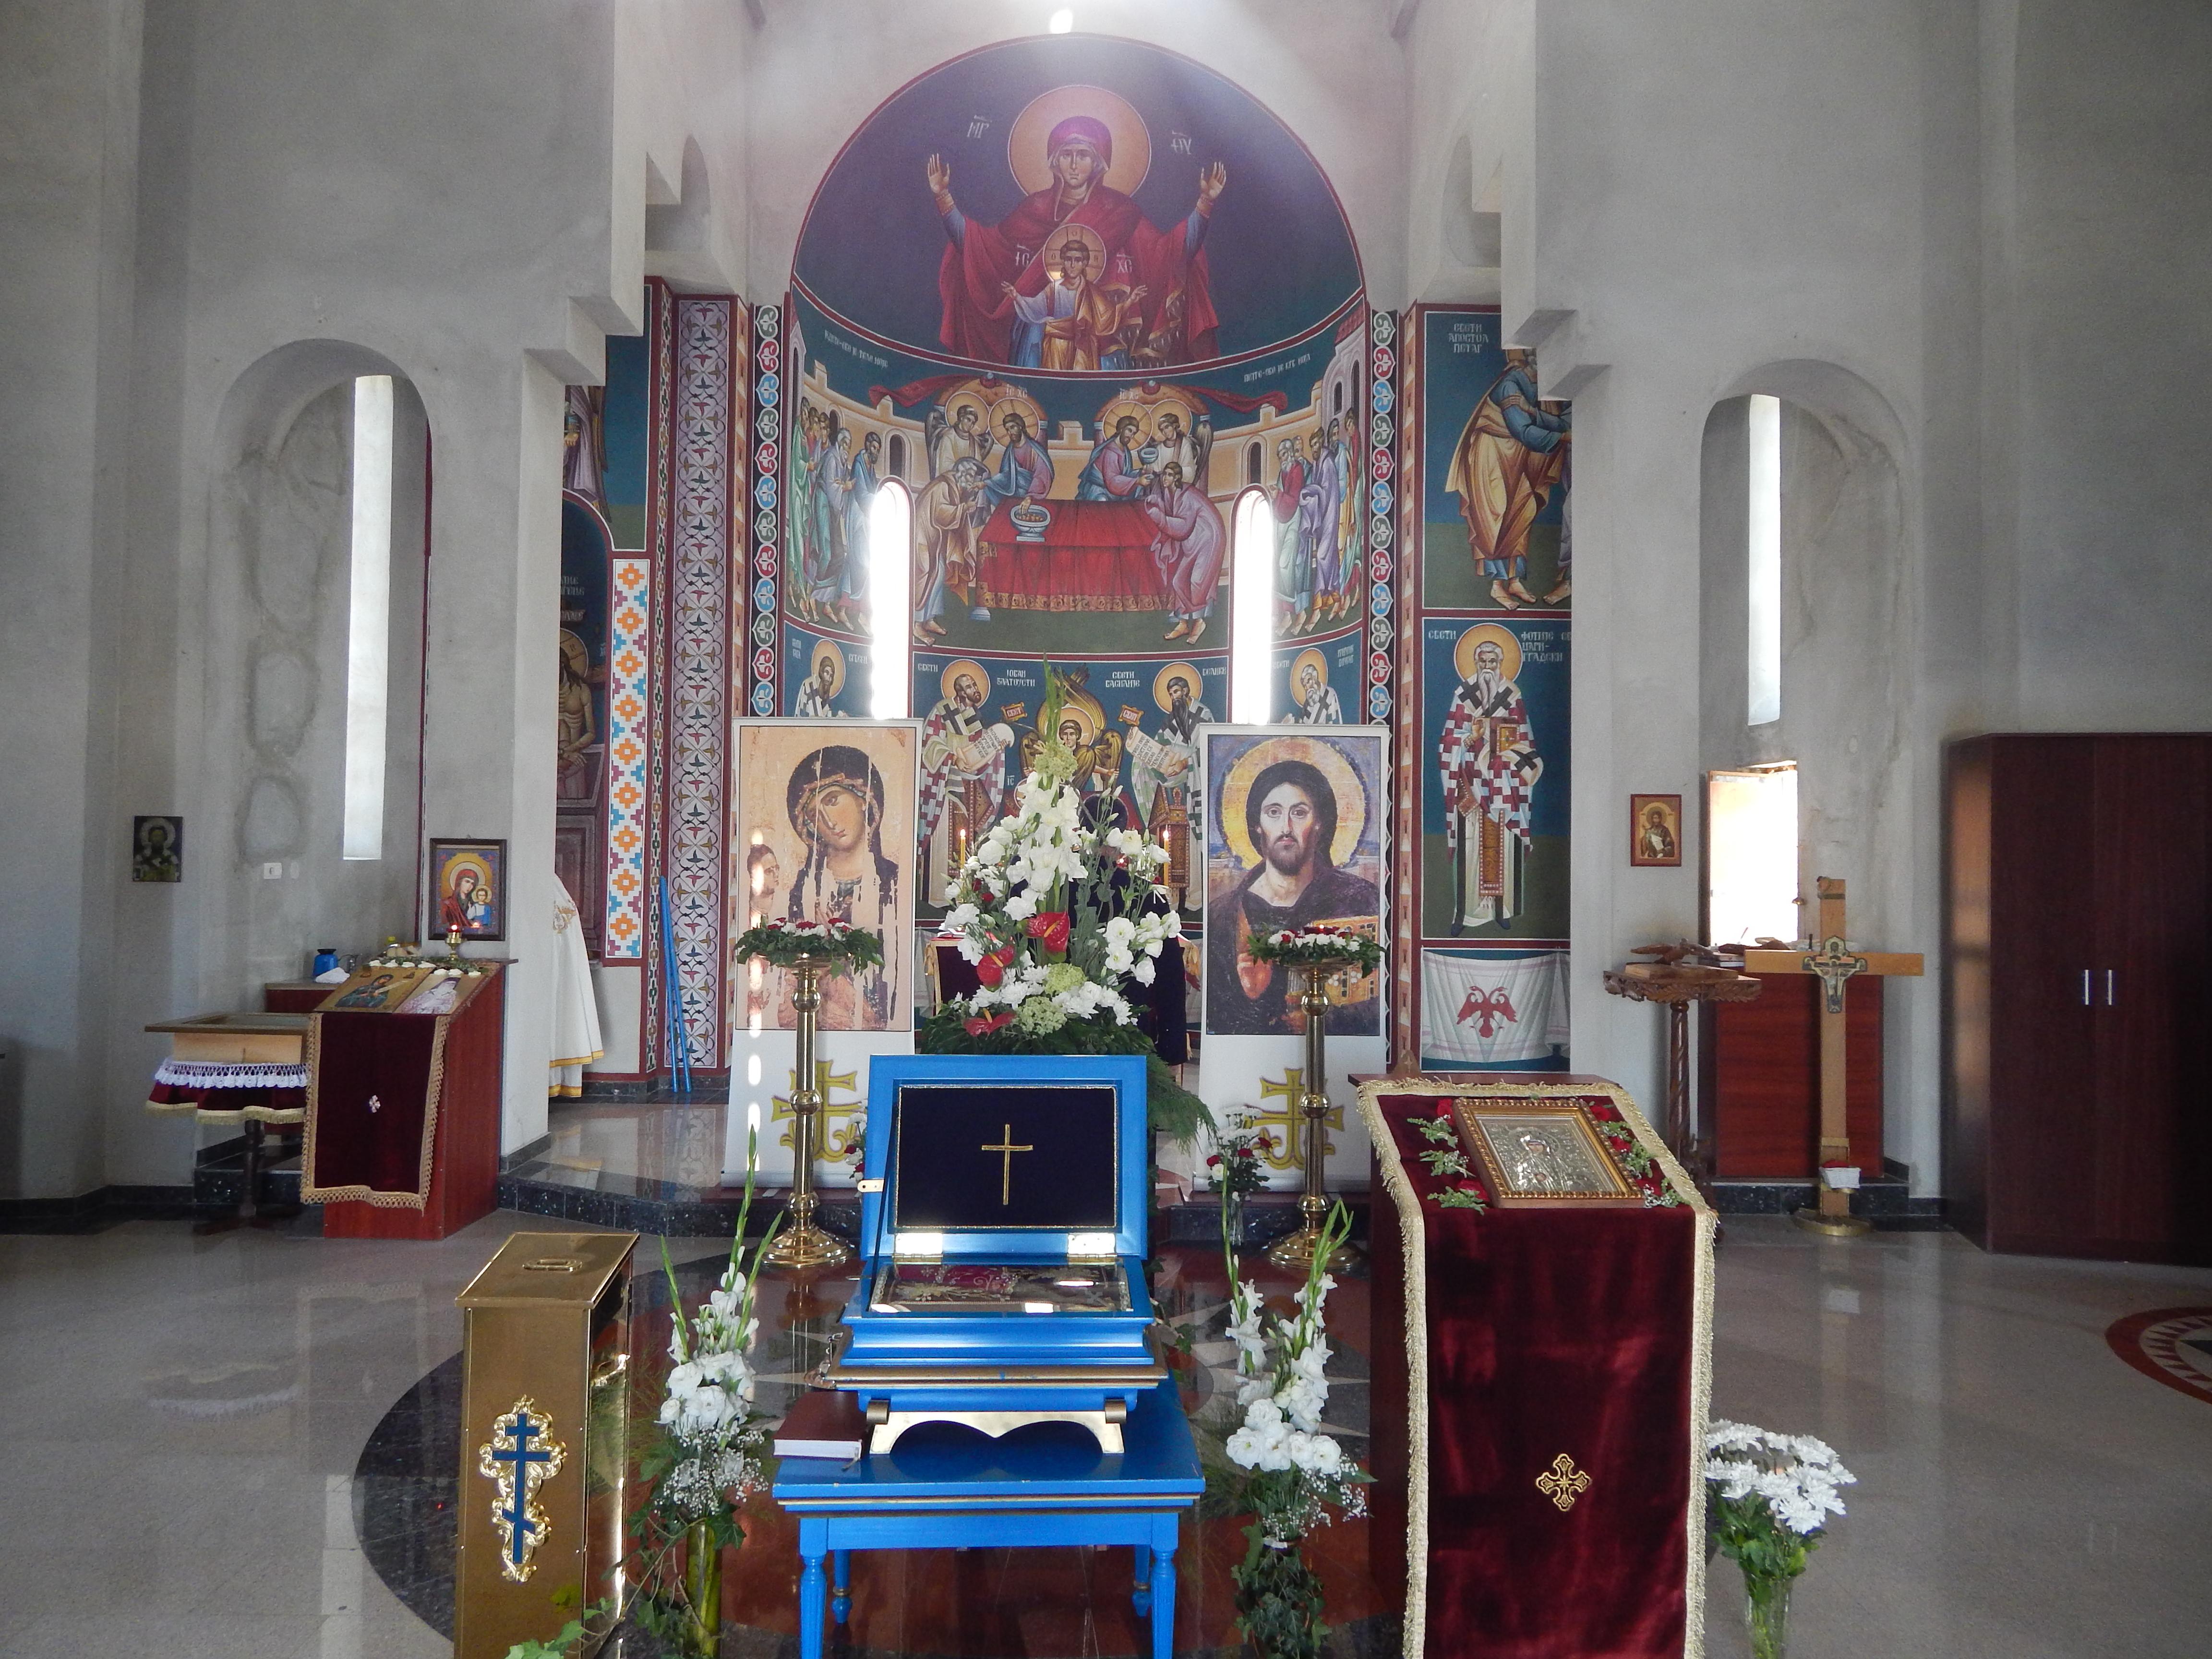 Мошти Преподобне мајке Ангелине у румском храму Сабора српских светитеља